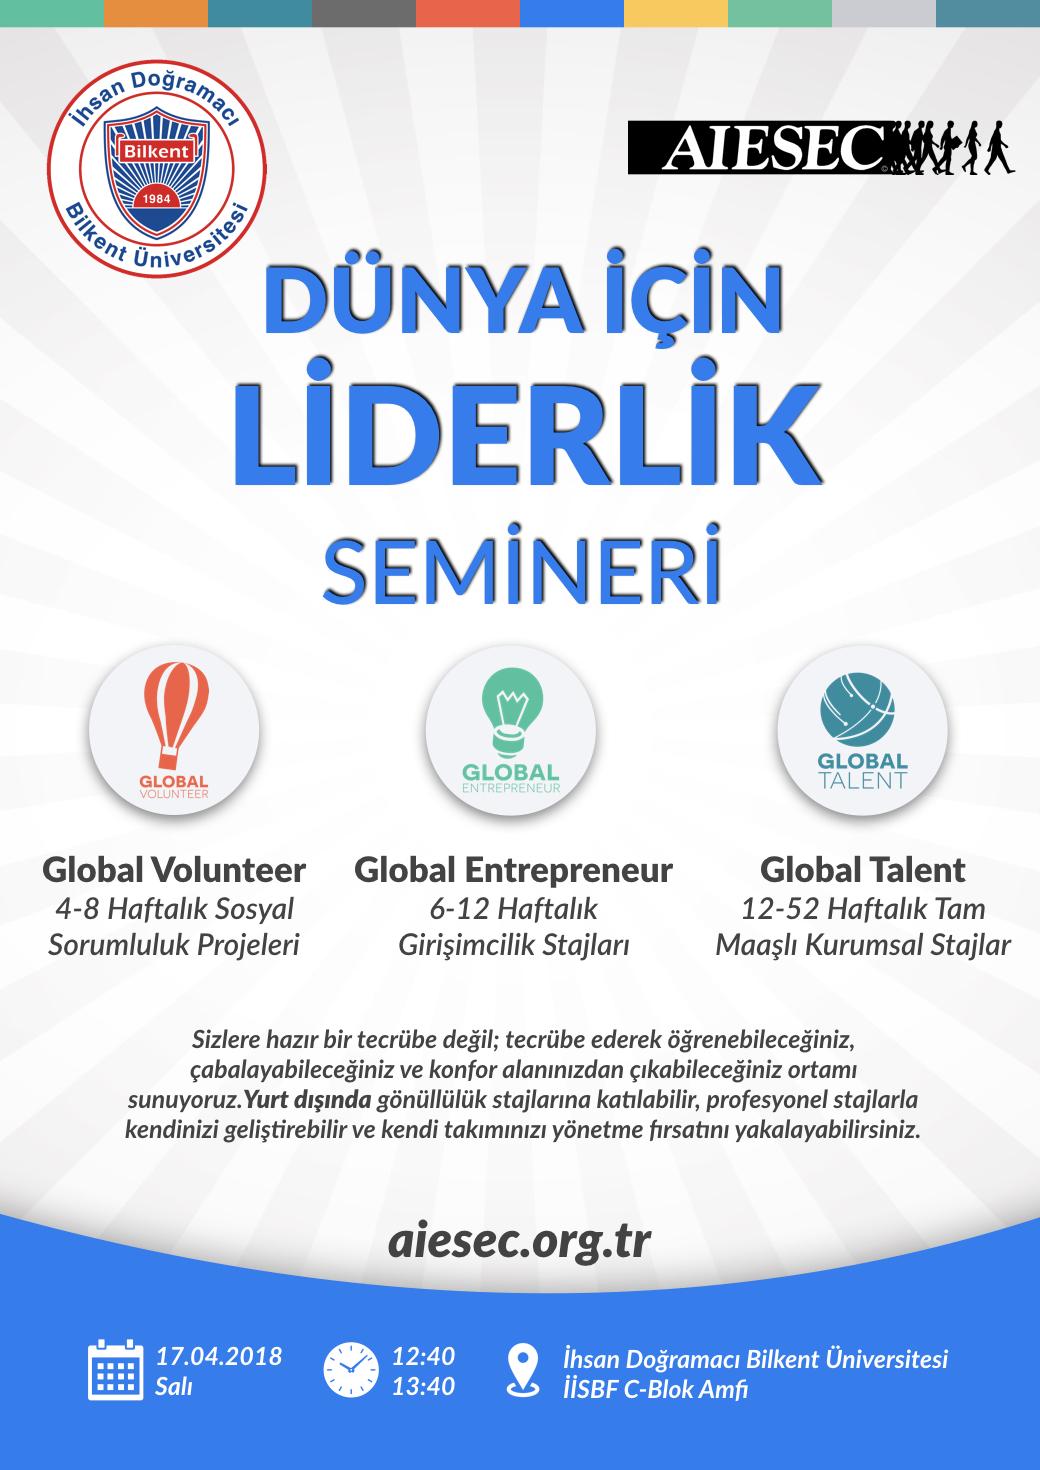 AIESEC Dünya İçin Liderlik Semineri 1